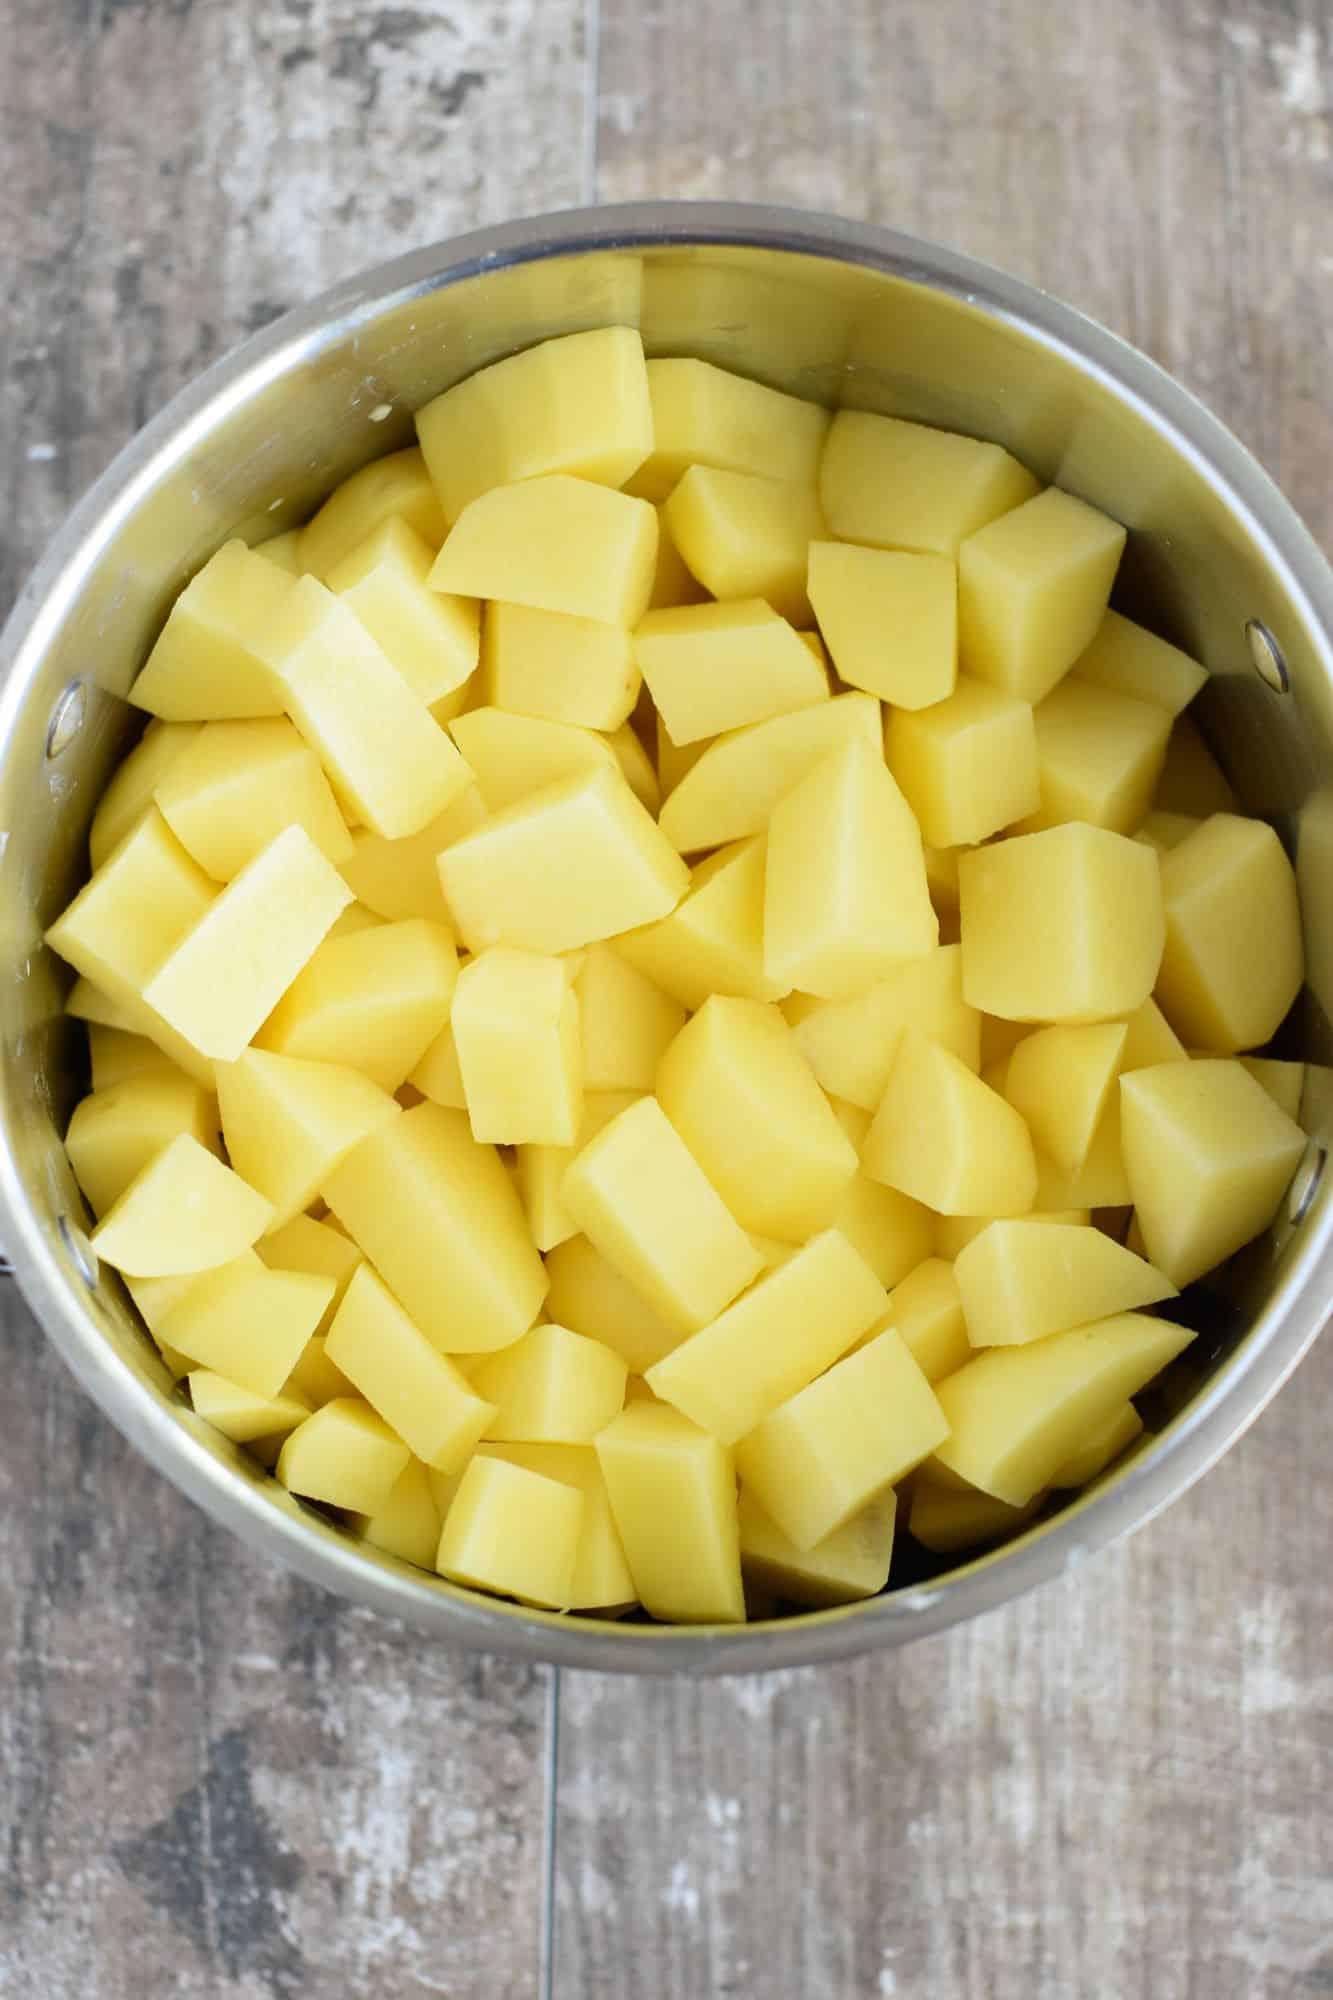 cubed potatoes in a pot